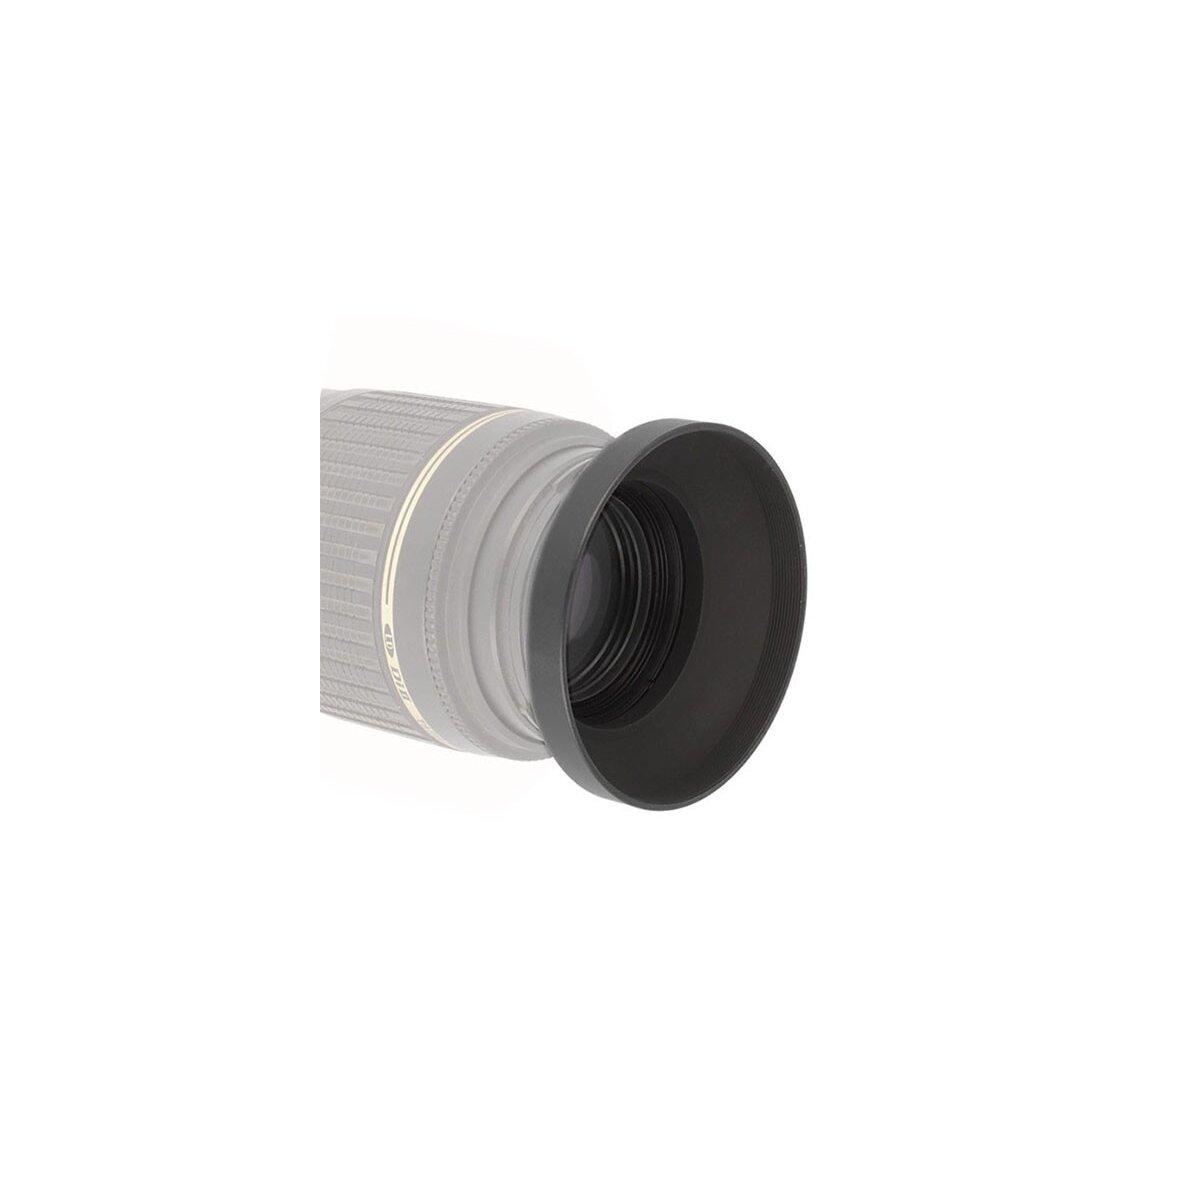 Weitwinkel Sonnenblende / Gegenlichtblende 62mm - Aluminium